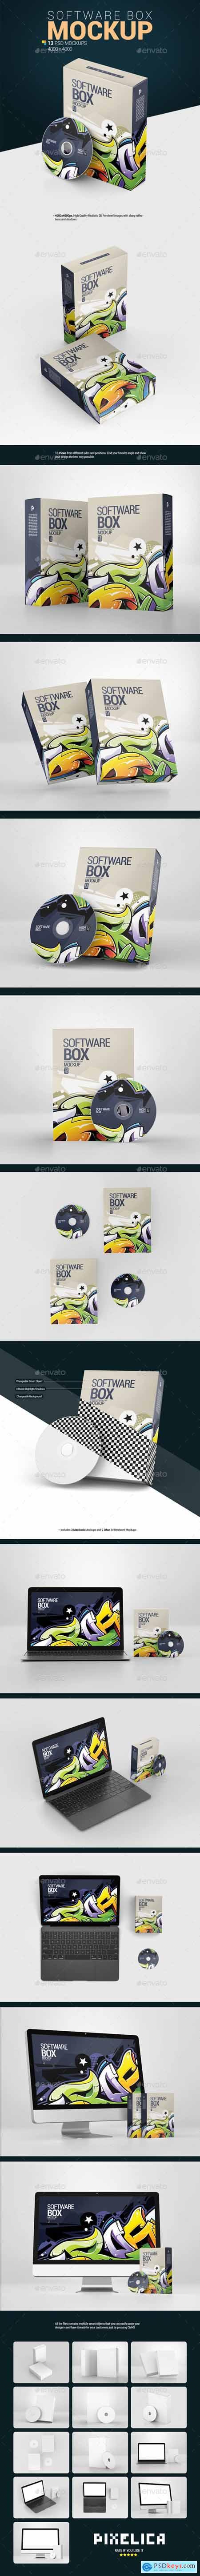 Software Box Mockup 27279988